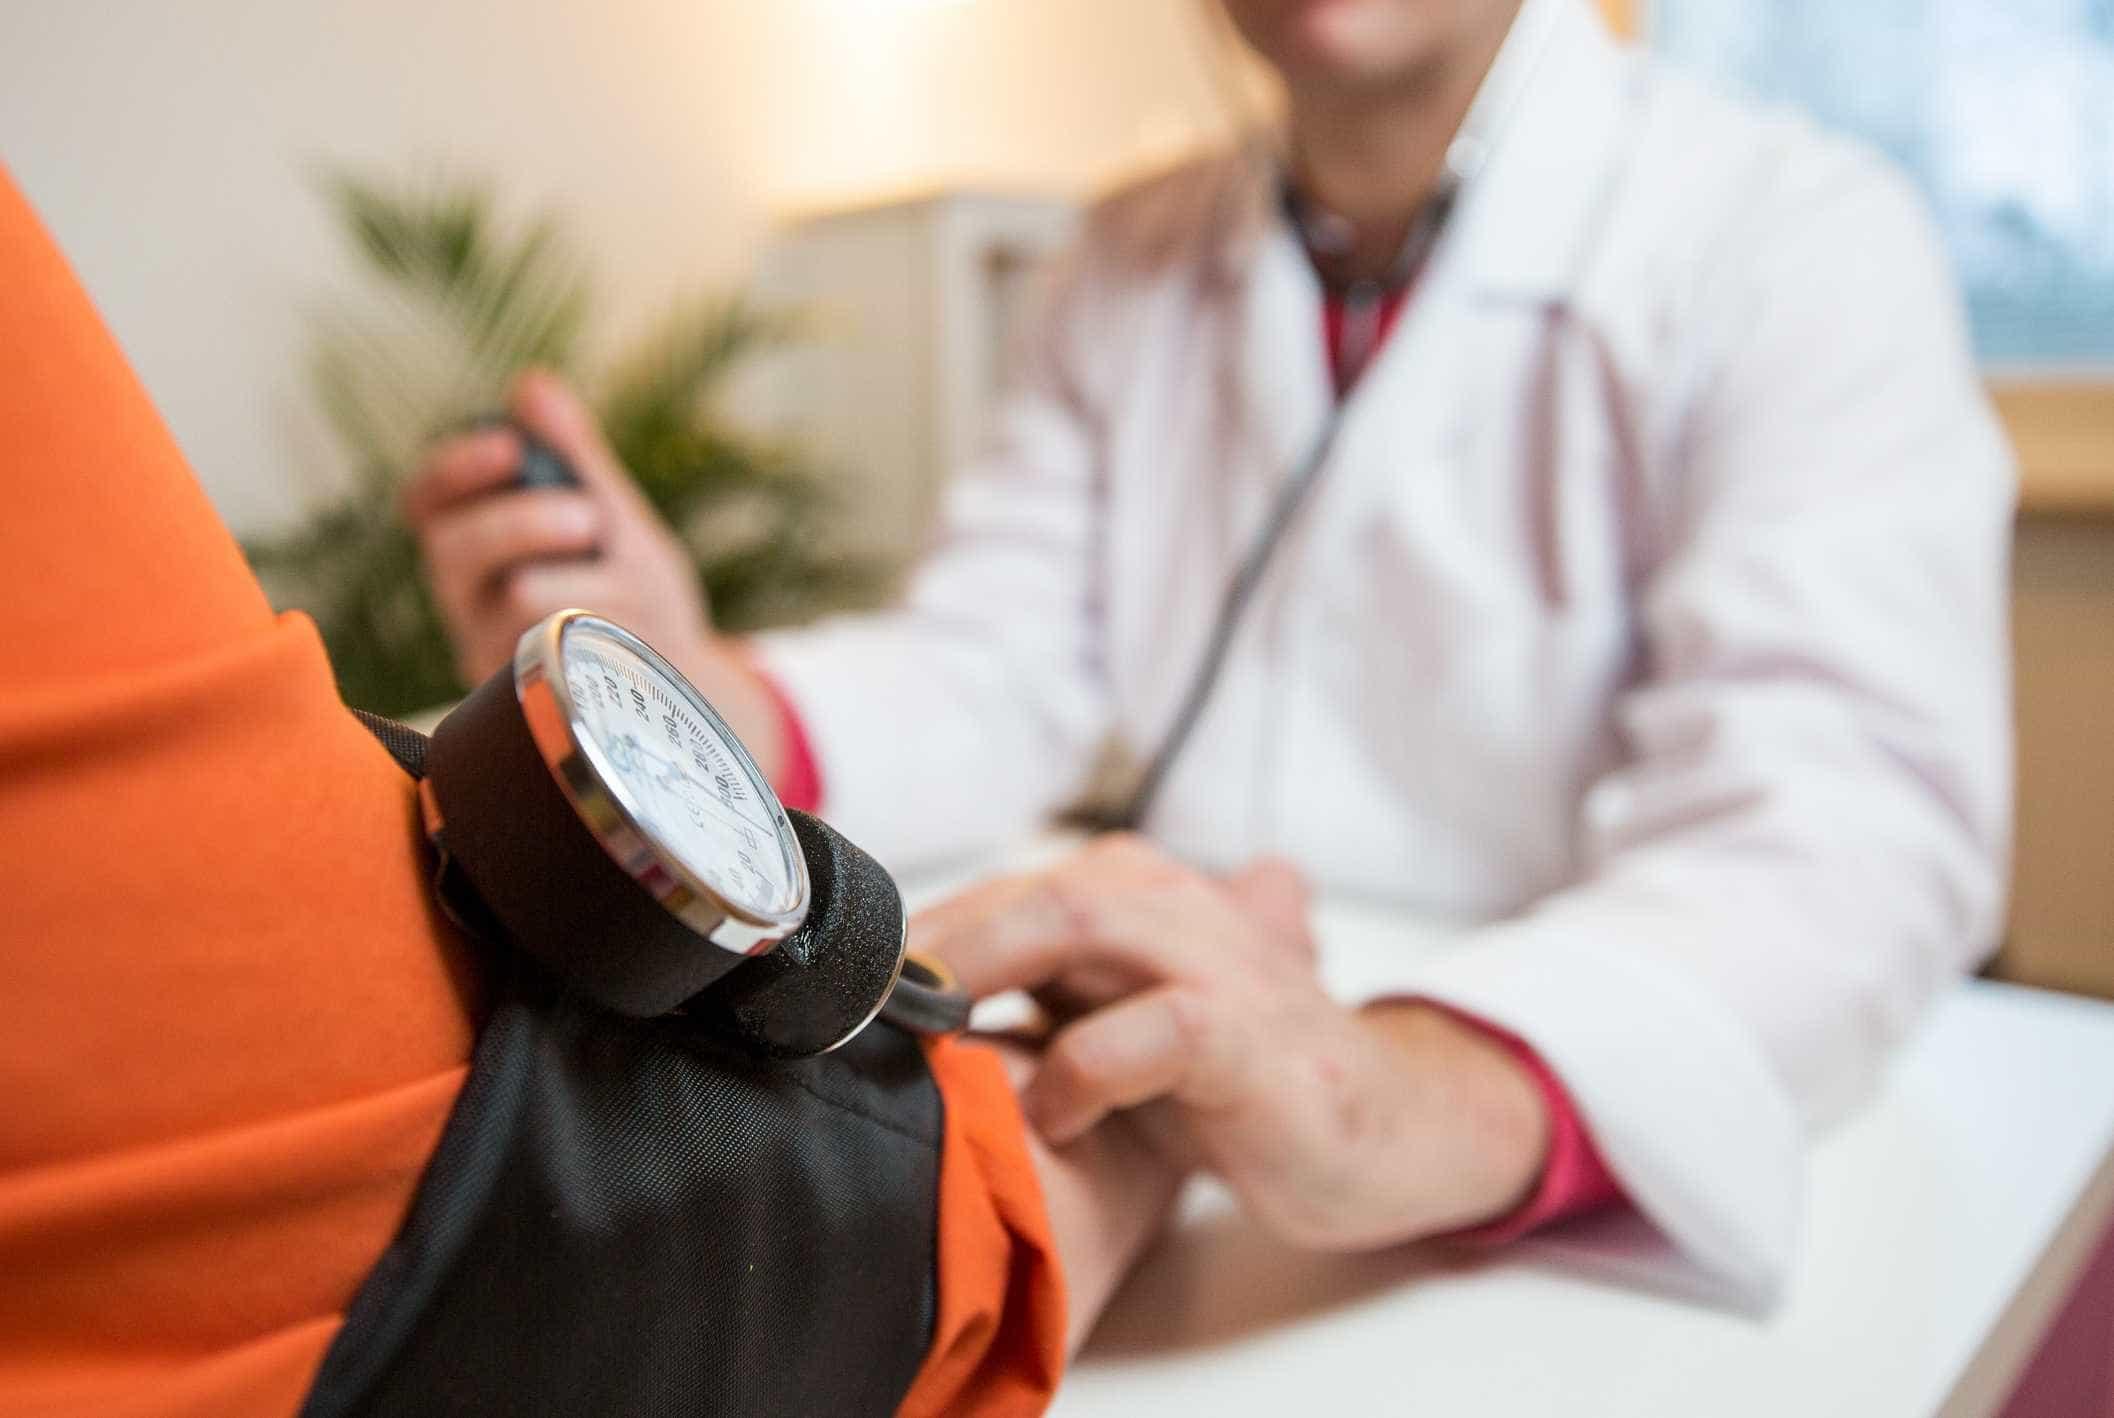 Detetadas falhas no direito de acompanhamento dos doentes nas urgências